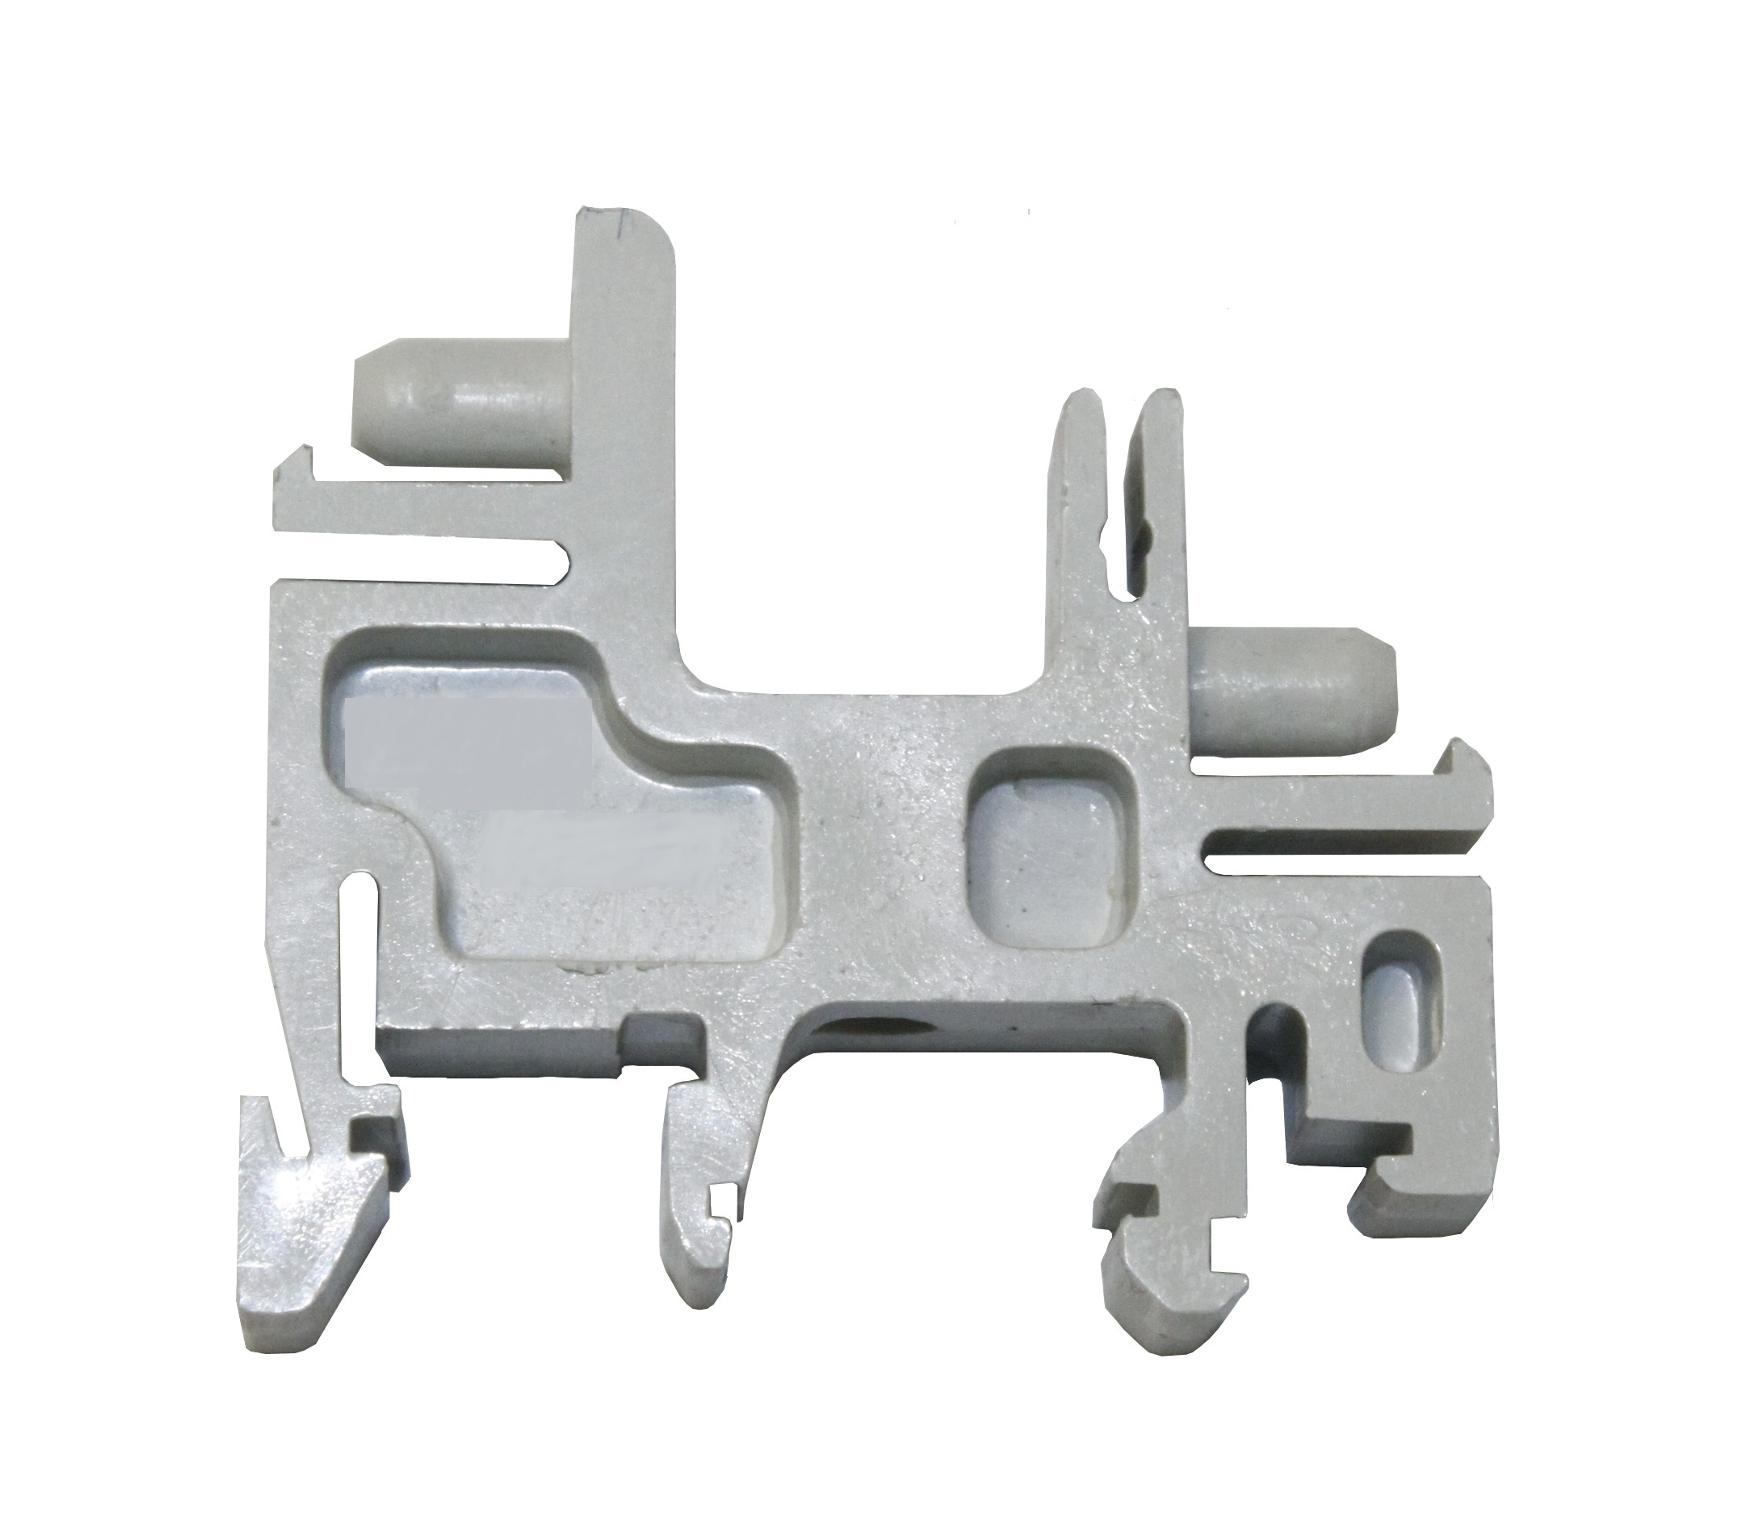 1 Stk Kunststoffträger waagrecht für 2 Klemmschienen 10, 16mm² IK018004-A